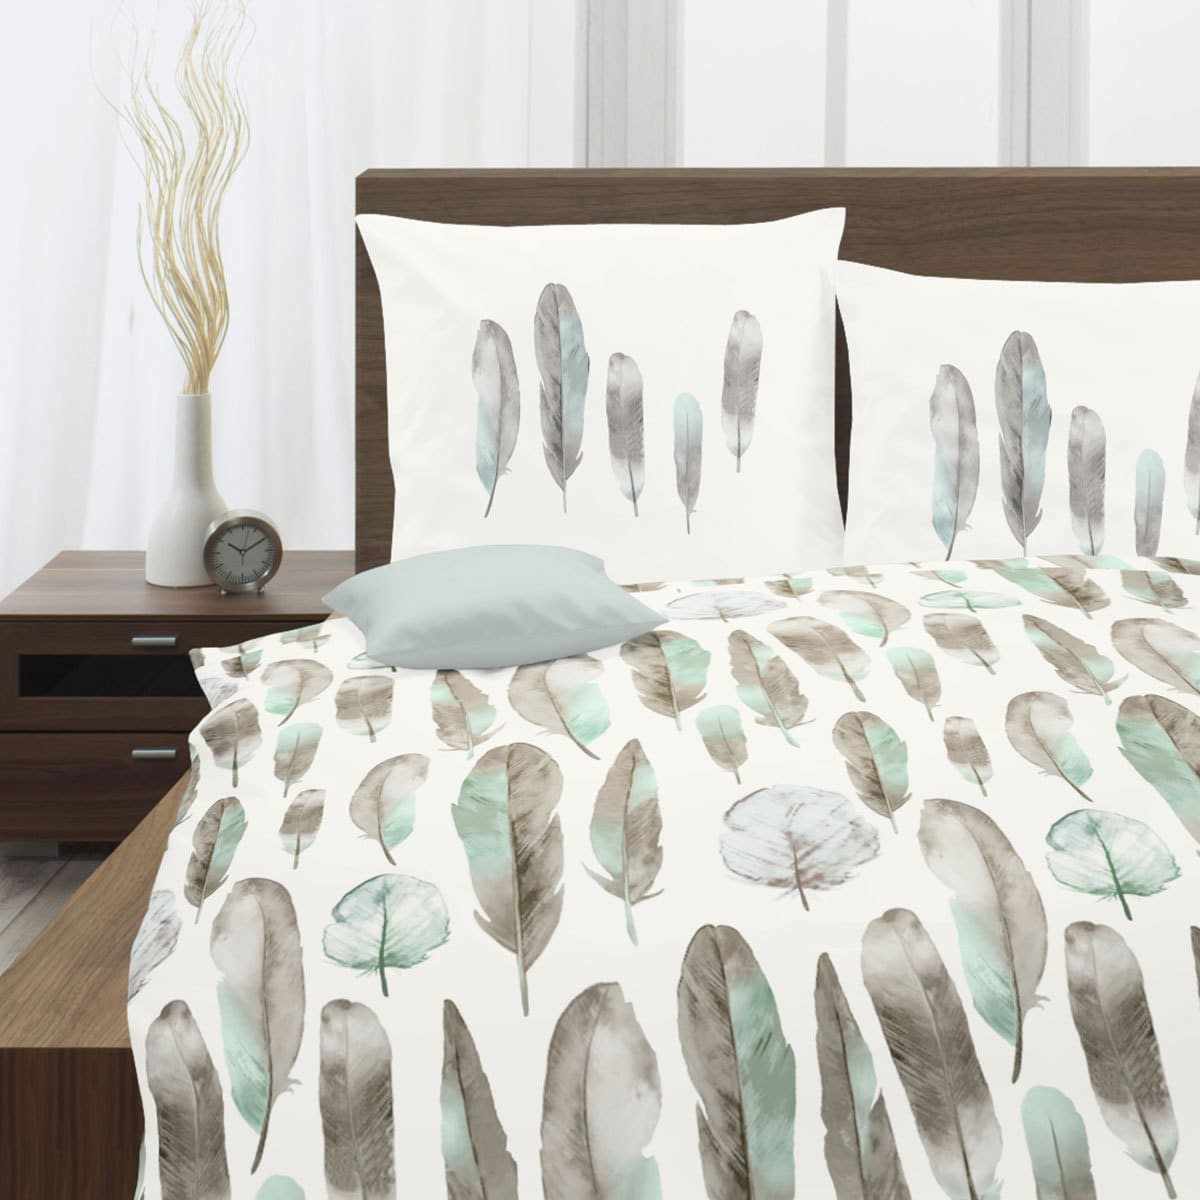 traumschlaf renforc bettw sche federn mint g nstig online kaufen bei bettwaren shop. Black Bedroom Furniture Sets. Home Design Ideas